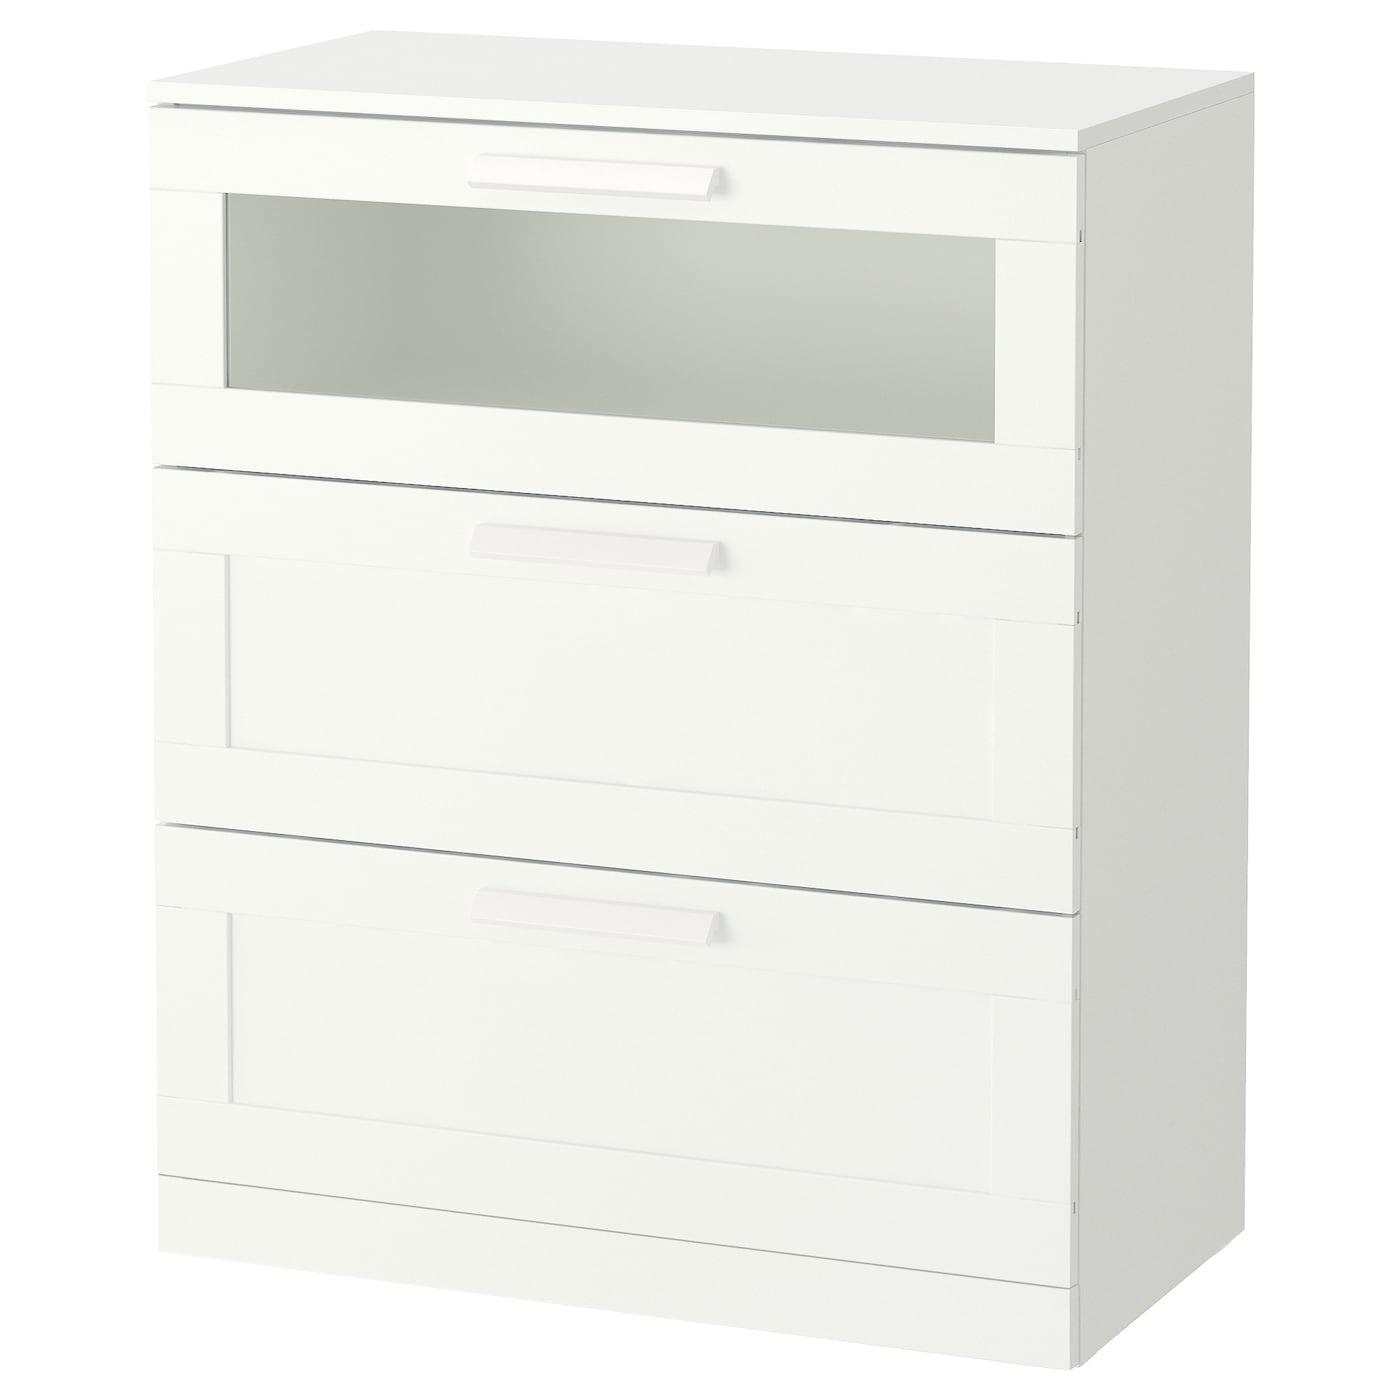 BRIMNES Commode 11 tiroirs - blanc/verre givré 11x11 cm